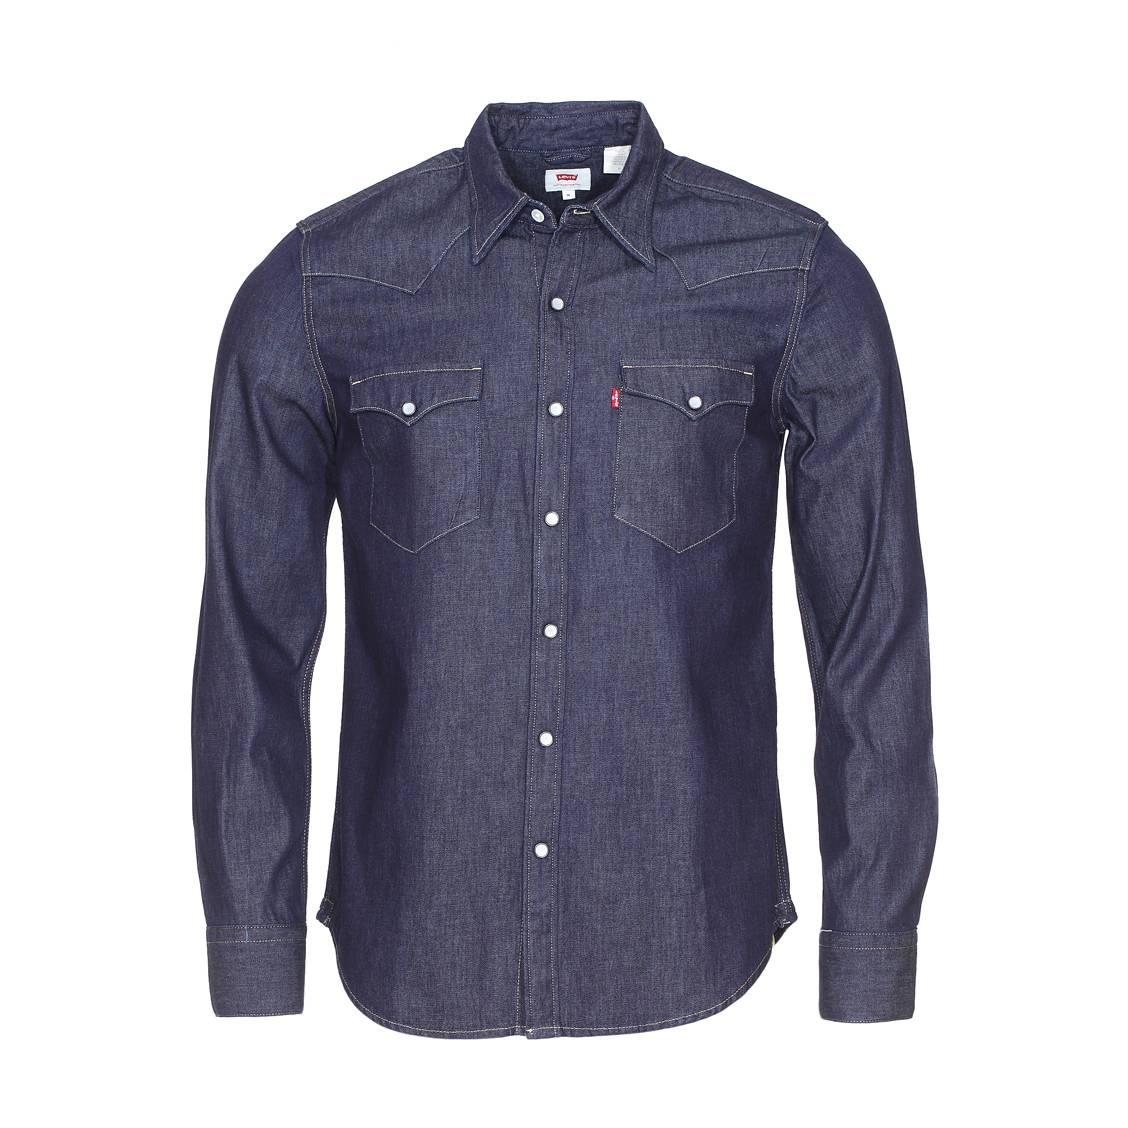 Chemise Jeans Levis se rapportant à chemise levi's barstow western red cast rinse en jean bleu foncé à